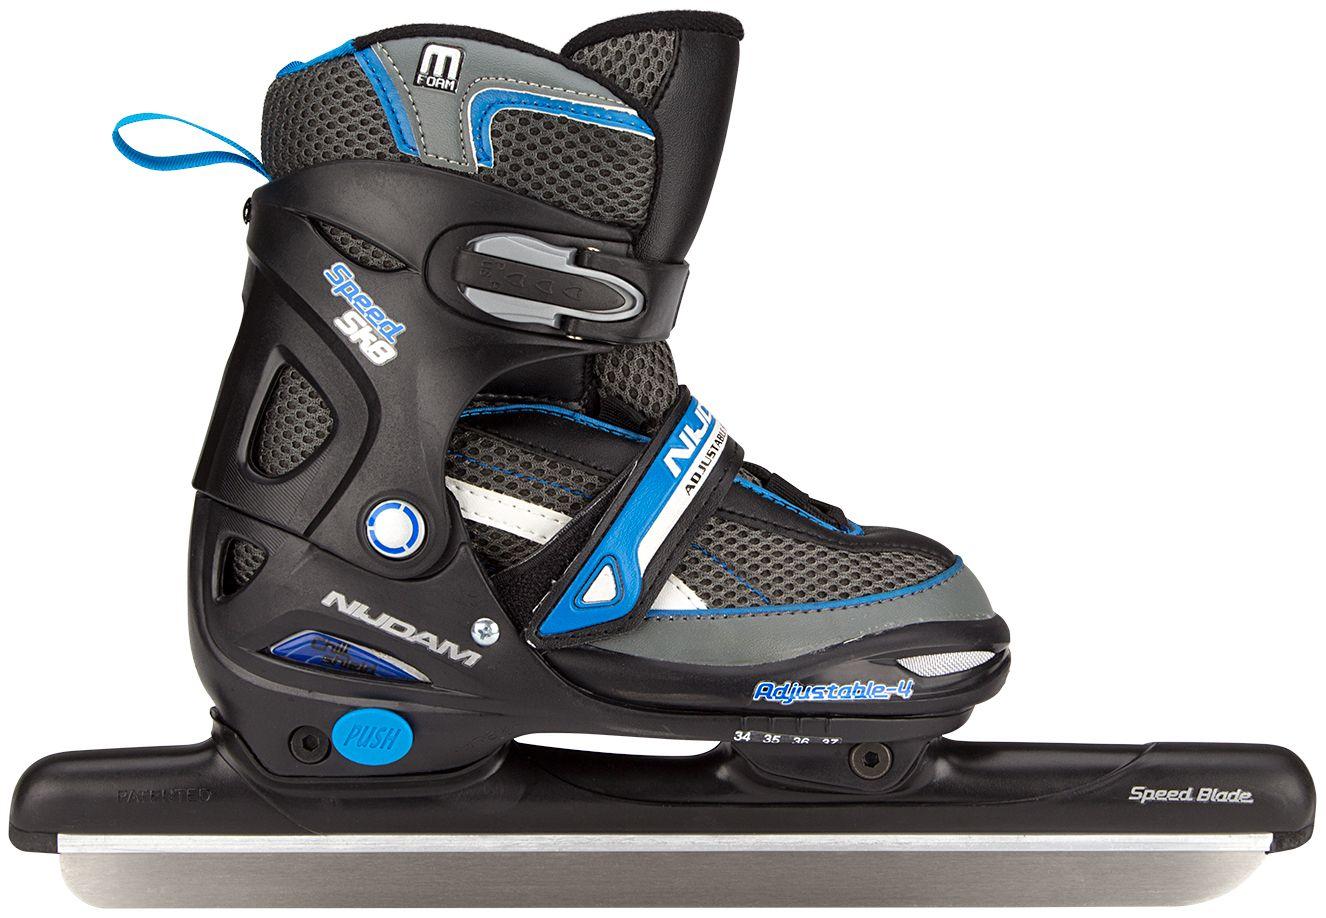 f5ee75408c9 Nijdam Junior Softboot 0114 (adjustable) bestellen bij Skate-dump.com